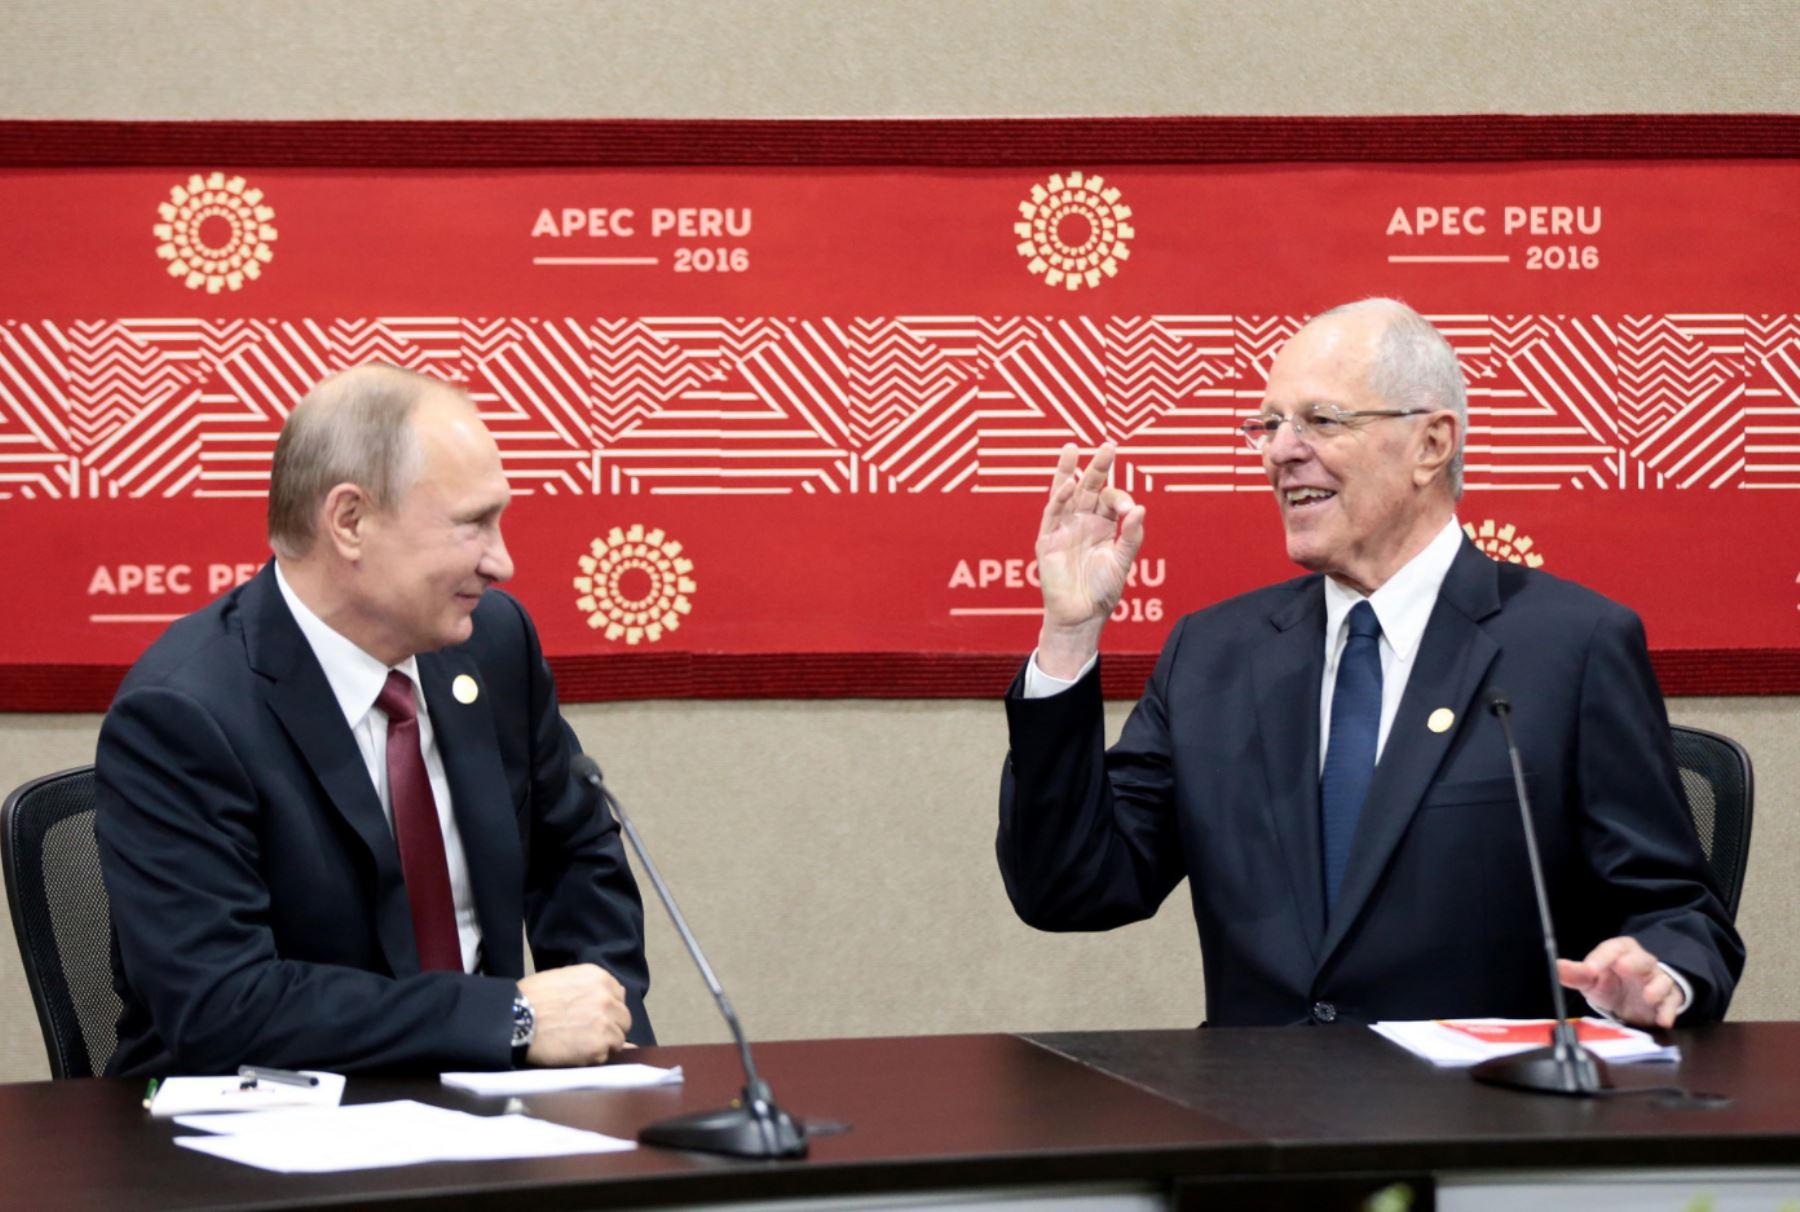 LIMA, PERÚ - NOVIEMBRE 1P. Encuentro bilateral del presidente Pedro Pablo Kuczynski el presidente de Rusia, Vladimir Putin, en el marco de APEC 2016  Foto:ANDINA / Presidencia.